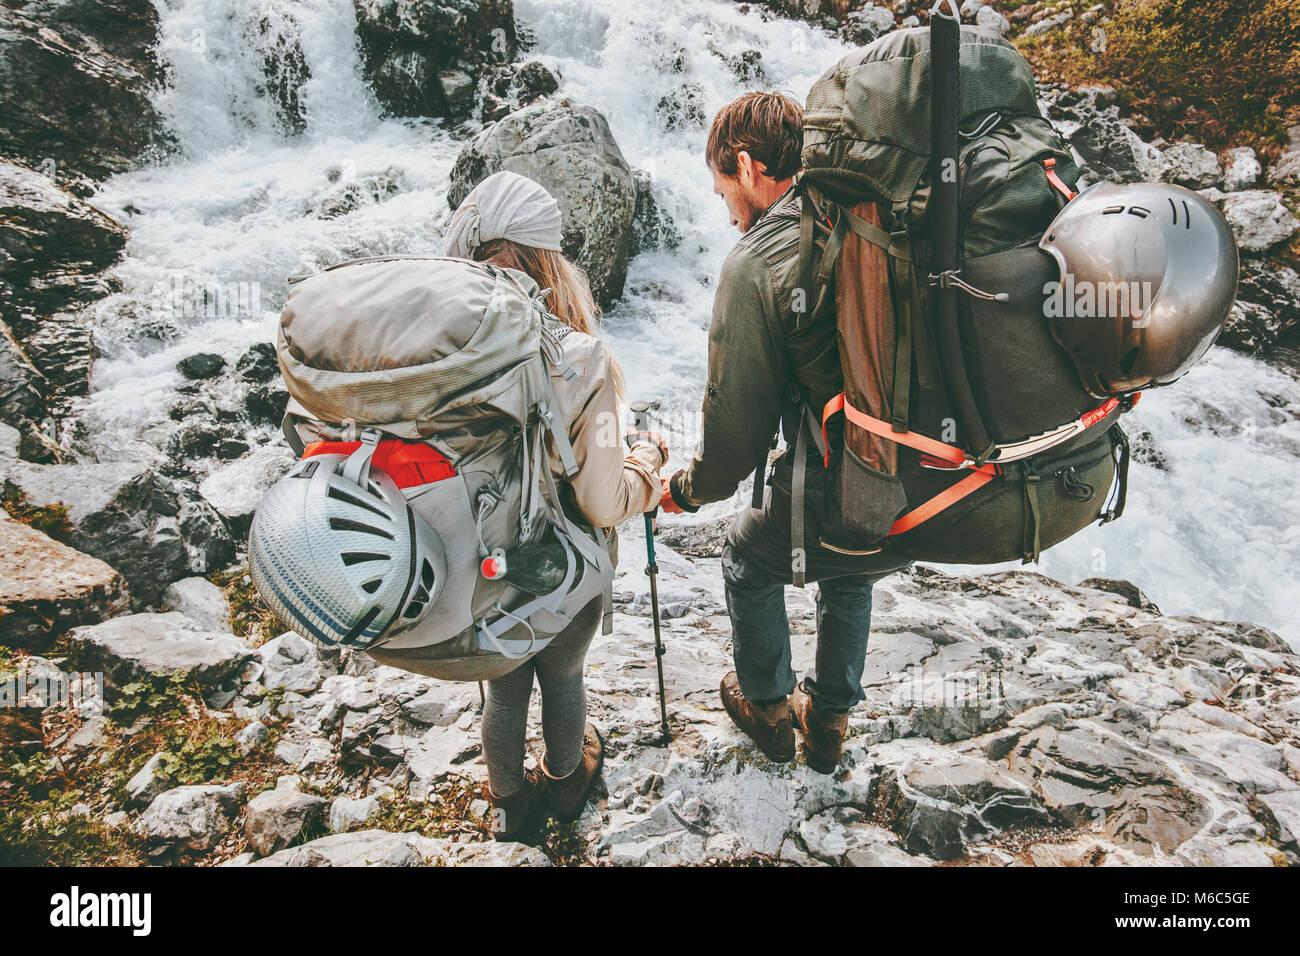 Paar backpackers Freunden Wandern in den Bergen am Fluss der Liebe und Reisen Lifestyle Fernweh Konzept Abenteuer Stockbild